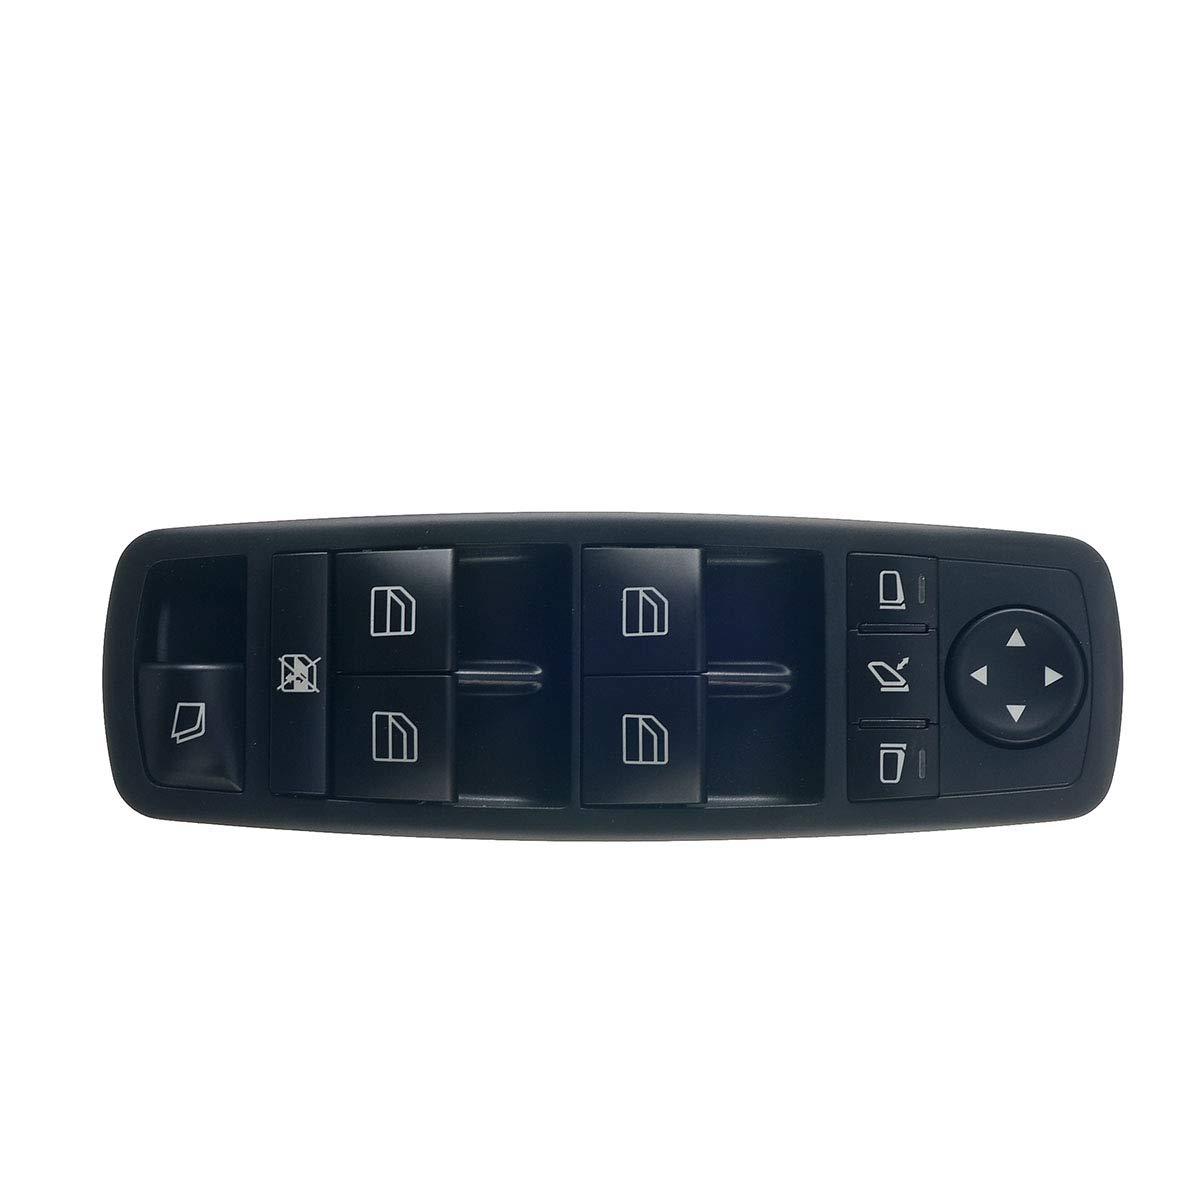 Fensterheber Schalter Schalteinheit Vorne Links f/ür X164 X166 W251 V251 2006-2019 A2518300590